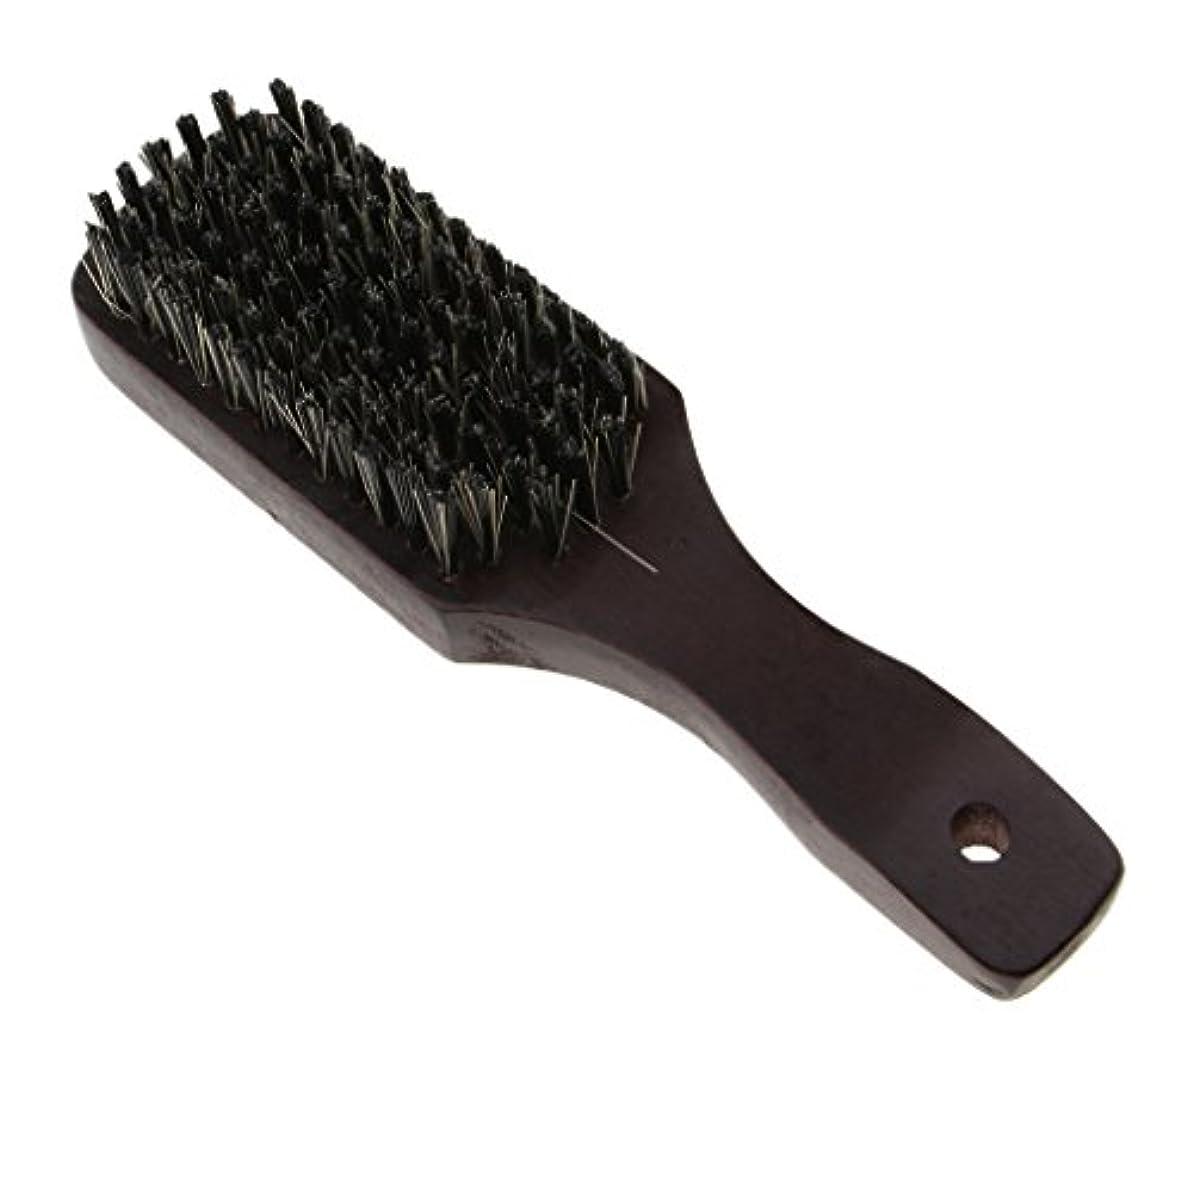 DYNWAVE ヘアブラシ 髪の櫛 木製 サロン バリバー アフロ ヘアピック ブラシ 櫛